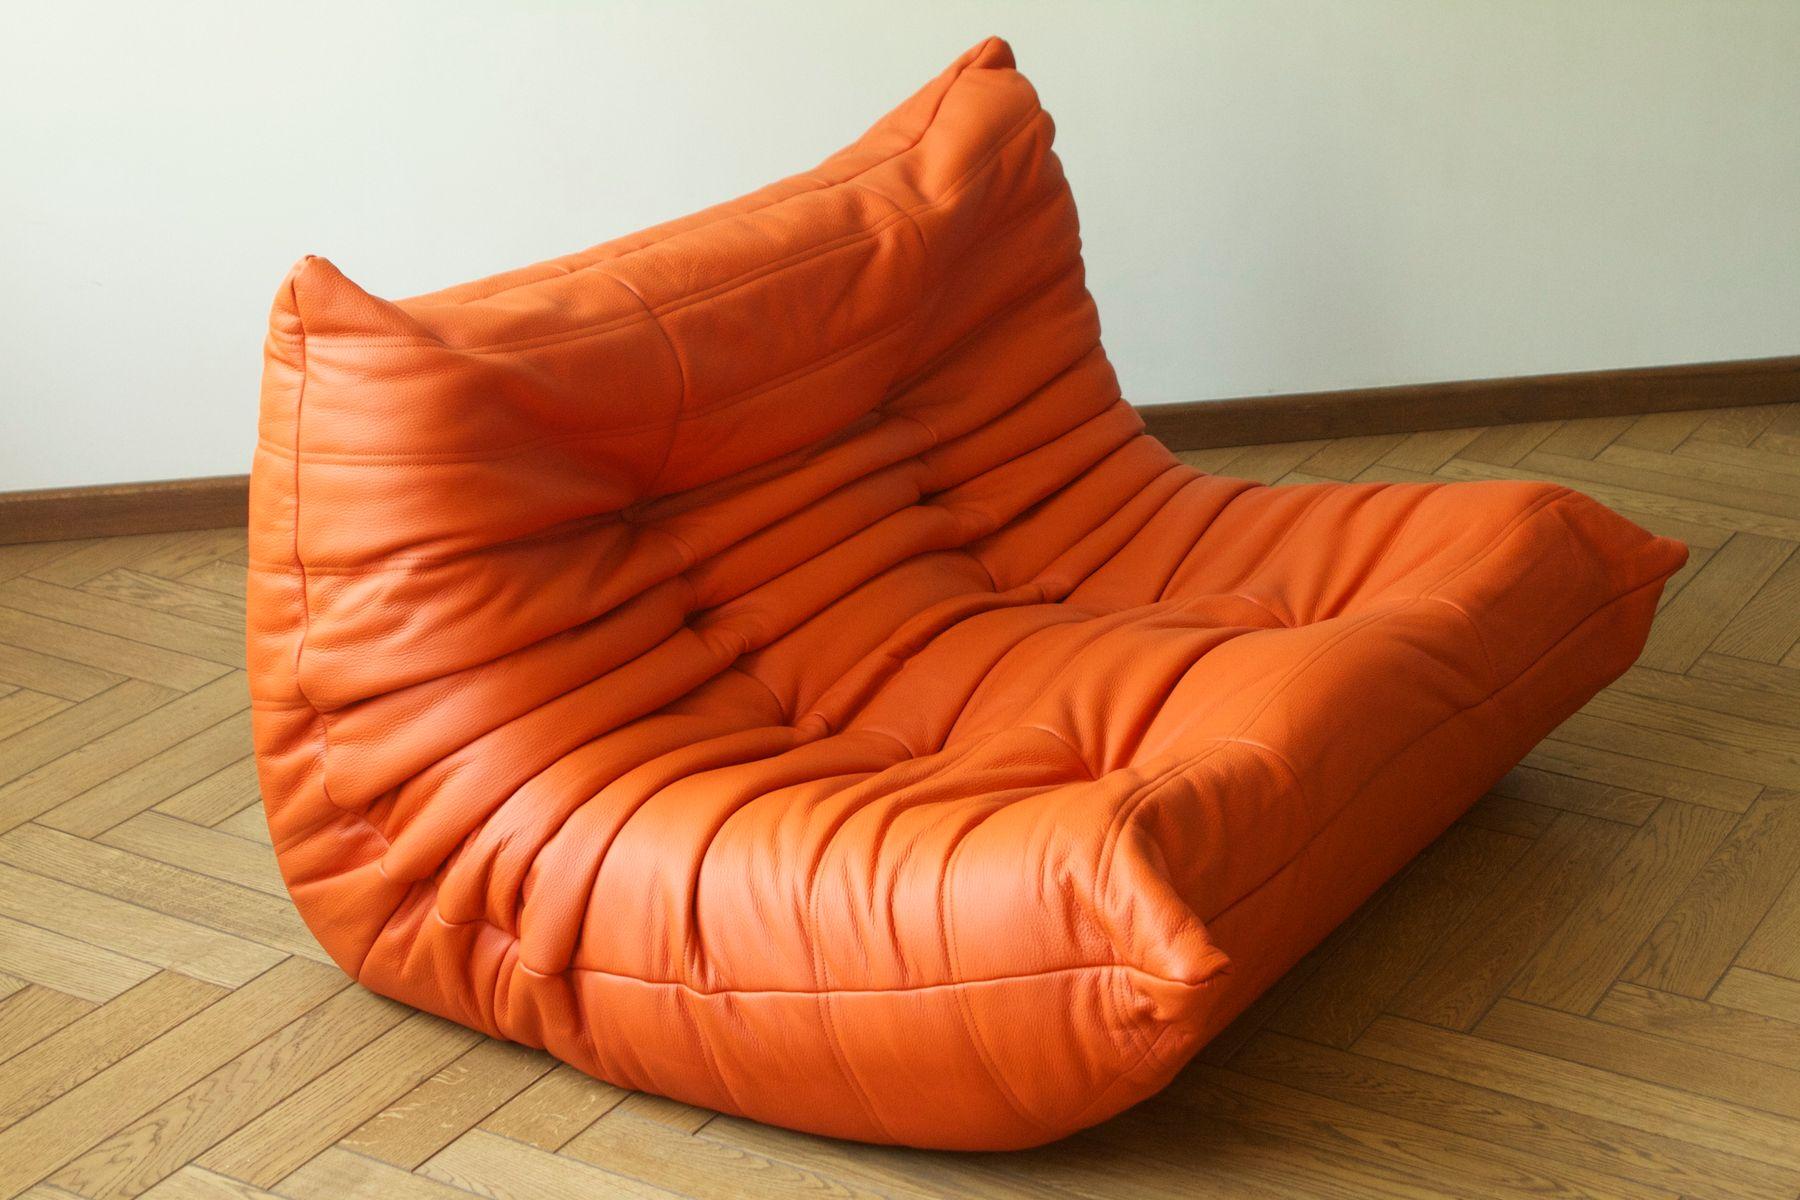 Canap togo 2 places en cuir orange par michel ducaroy pour ligne roset en ve - Togo ligne roset prix ...